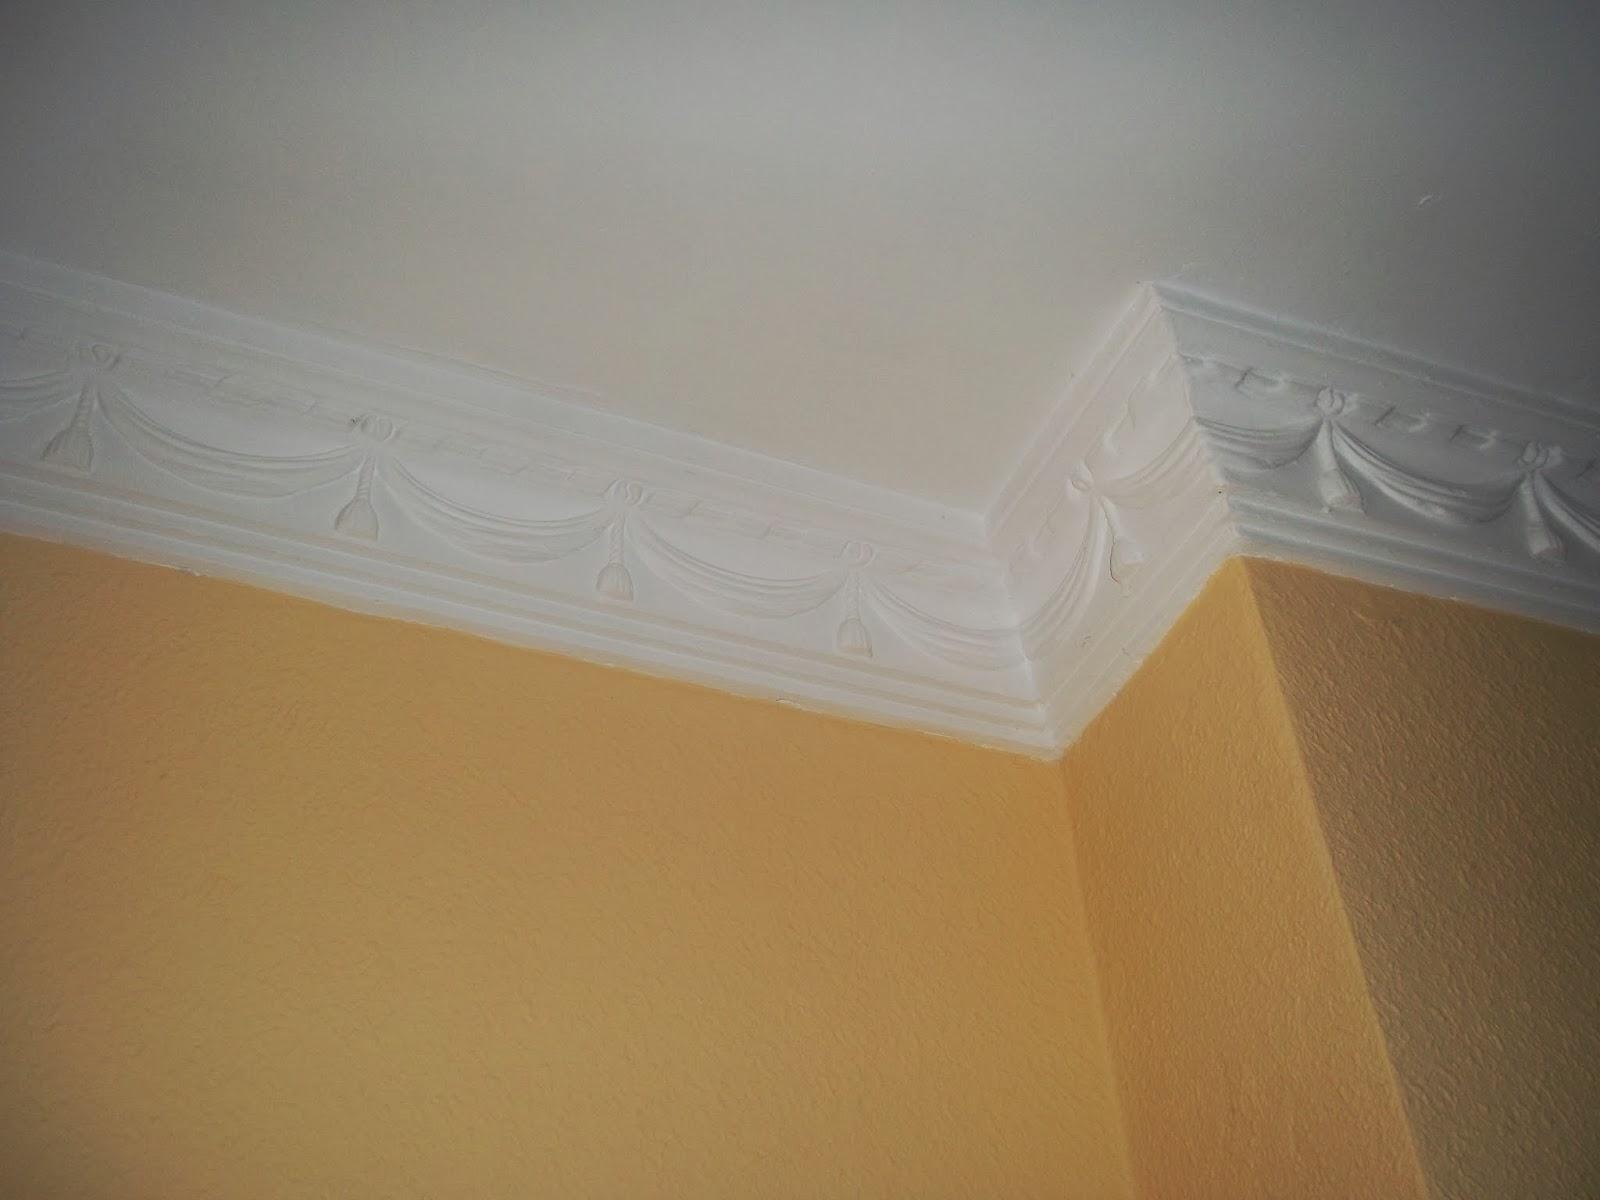 Reformas y construcciones enrique guerrero cortineros - Molduras de techo ...